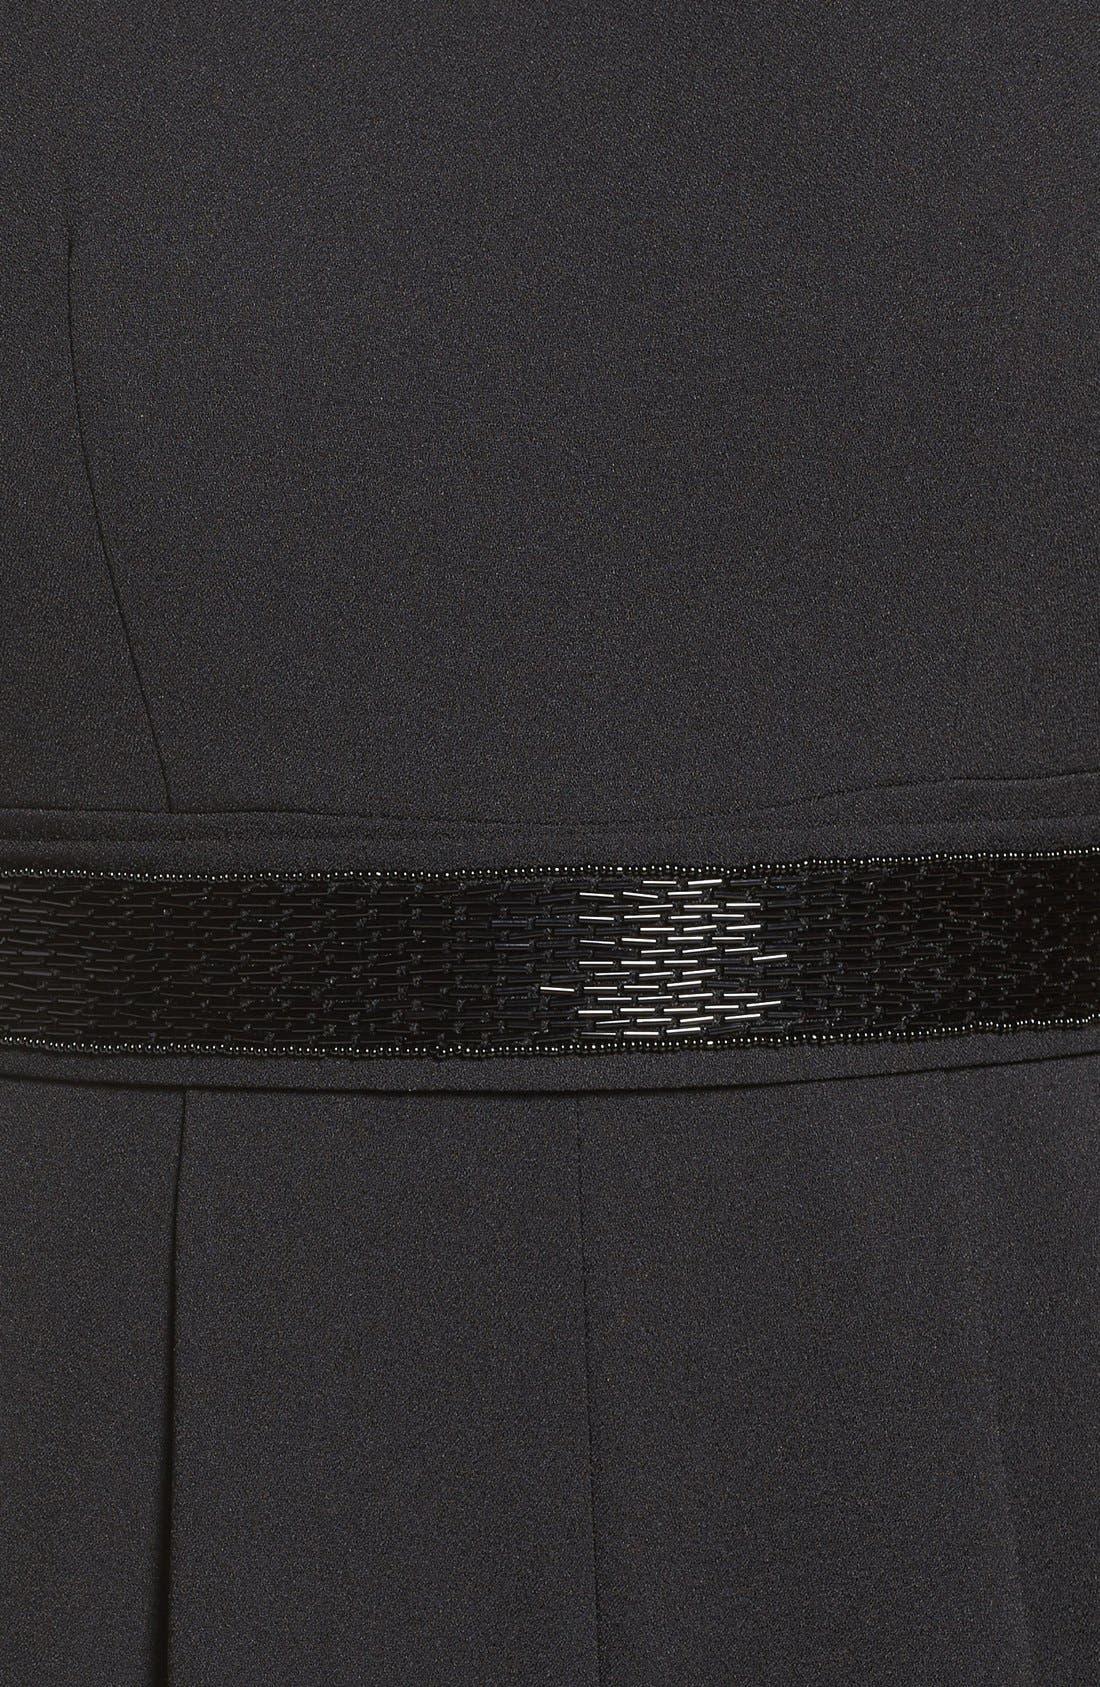 Embellished Cold Shoulder Jumpsuit,                             Alternate thumbnail 6, color,                             001